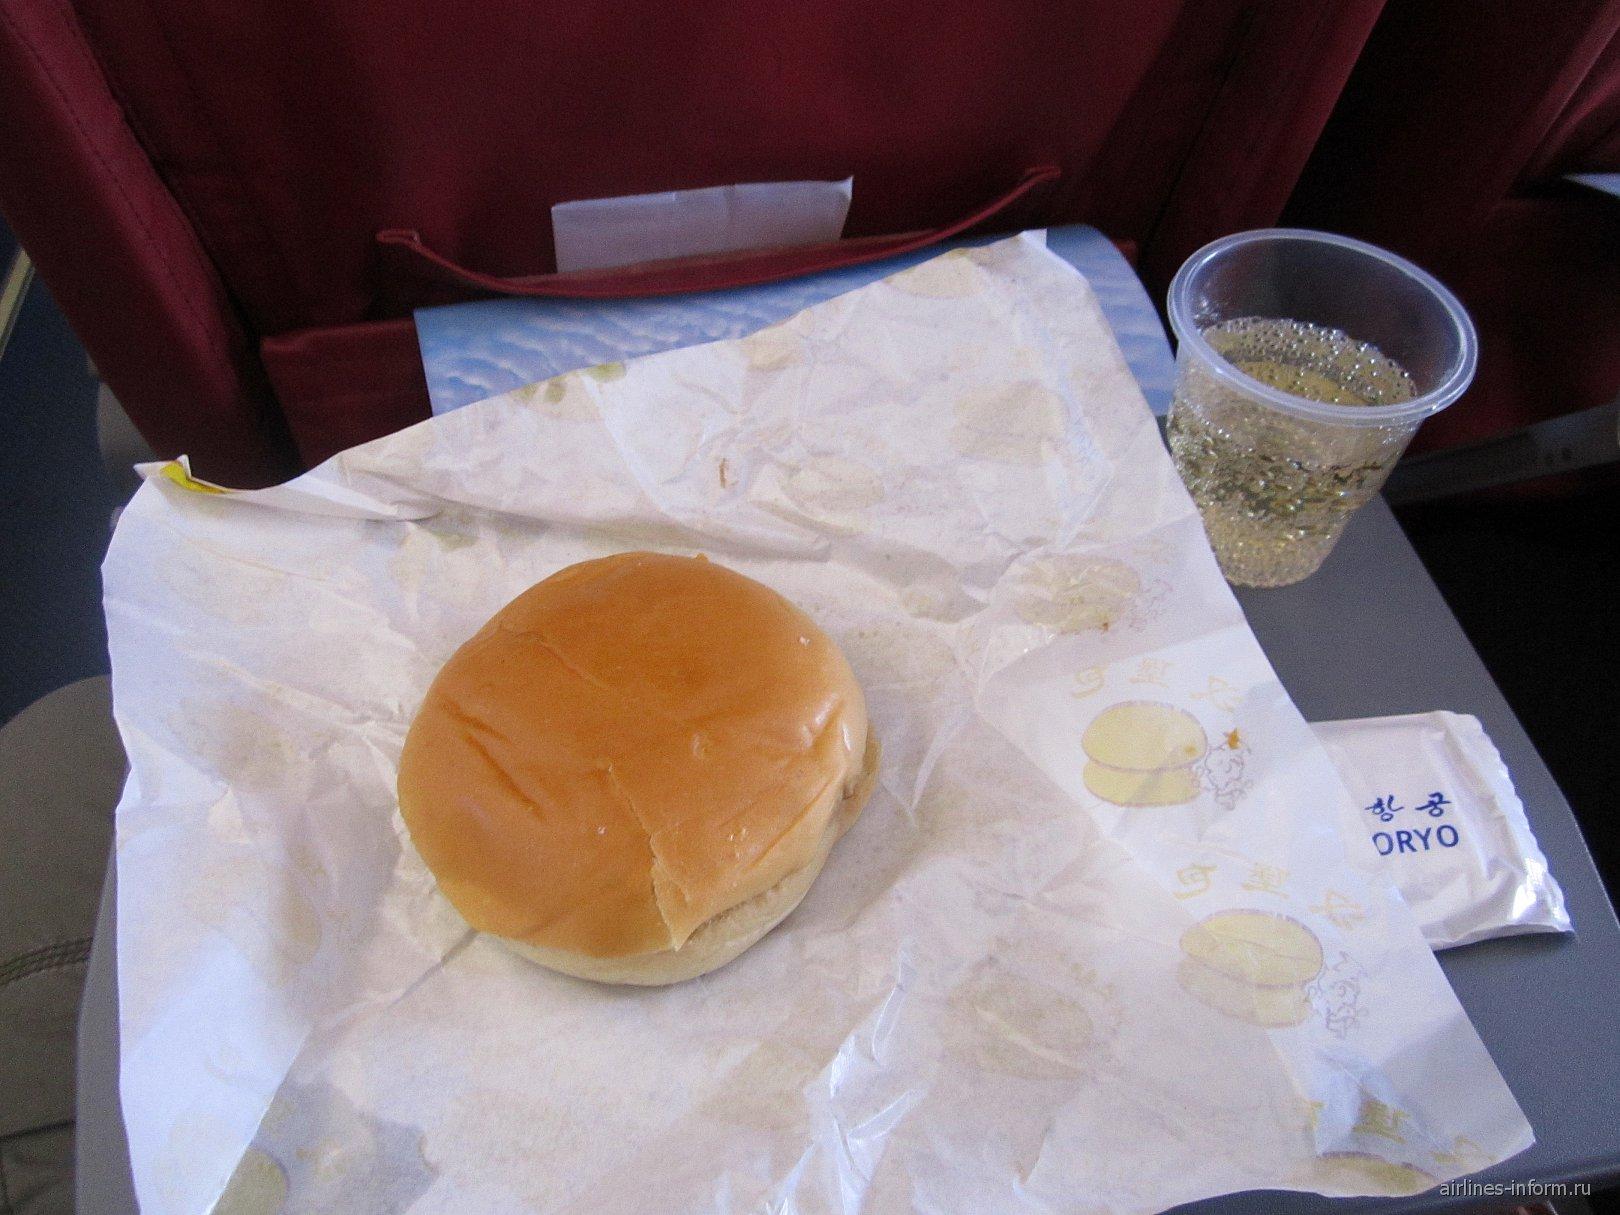 Питание на рейсе Пхеньян-Владивосток авиакомпании Air Koryo